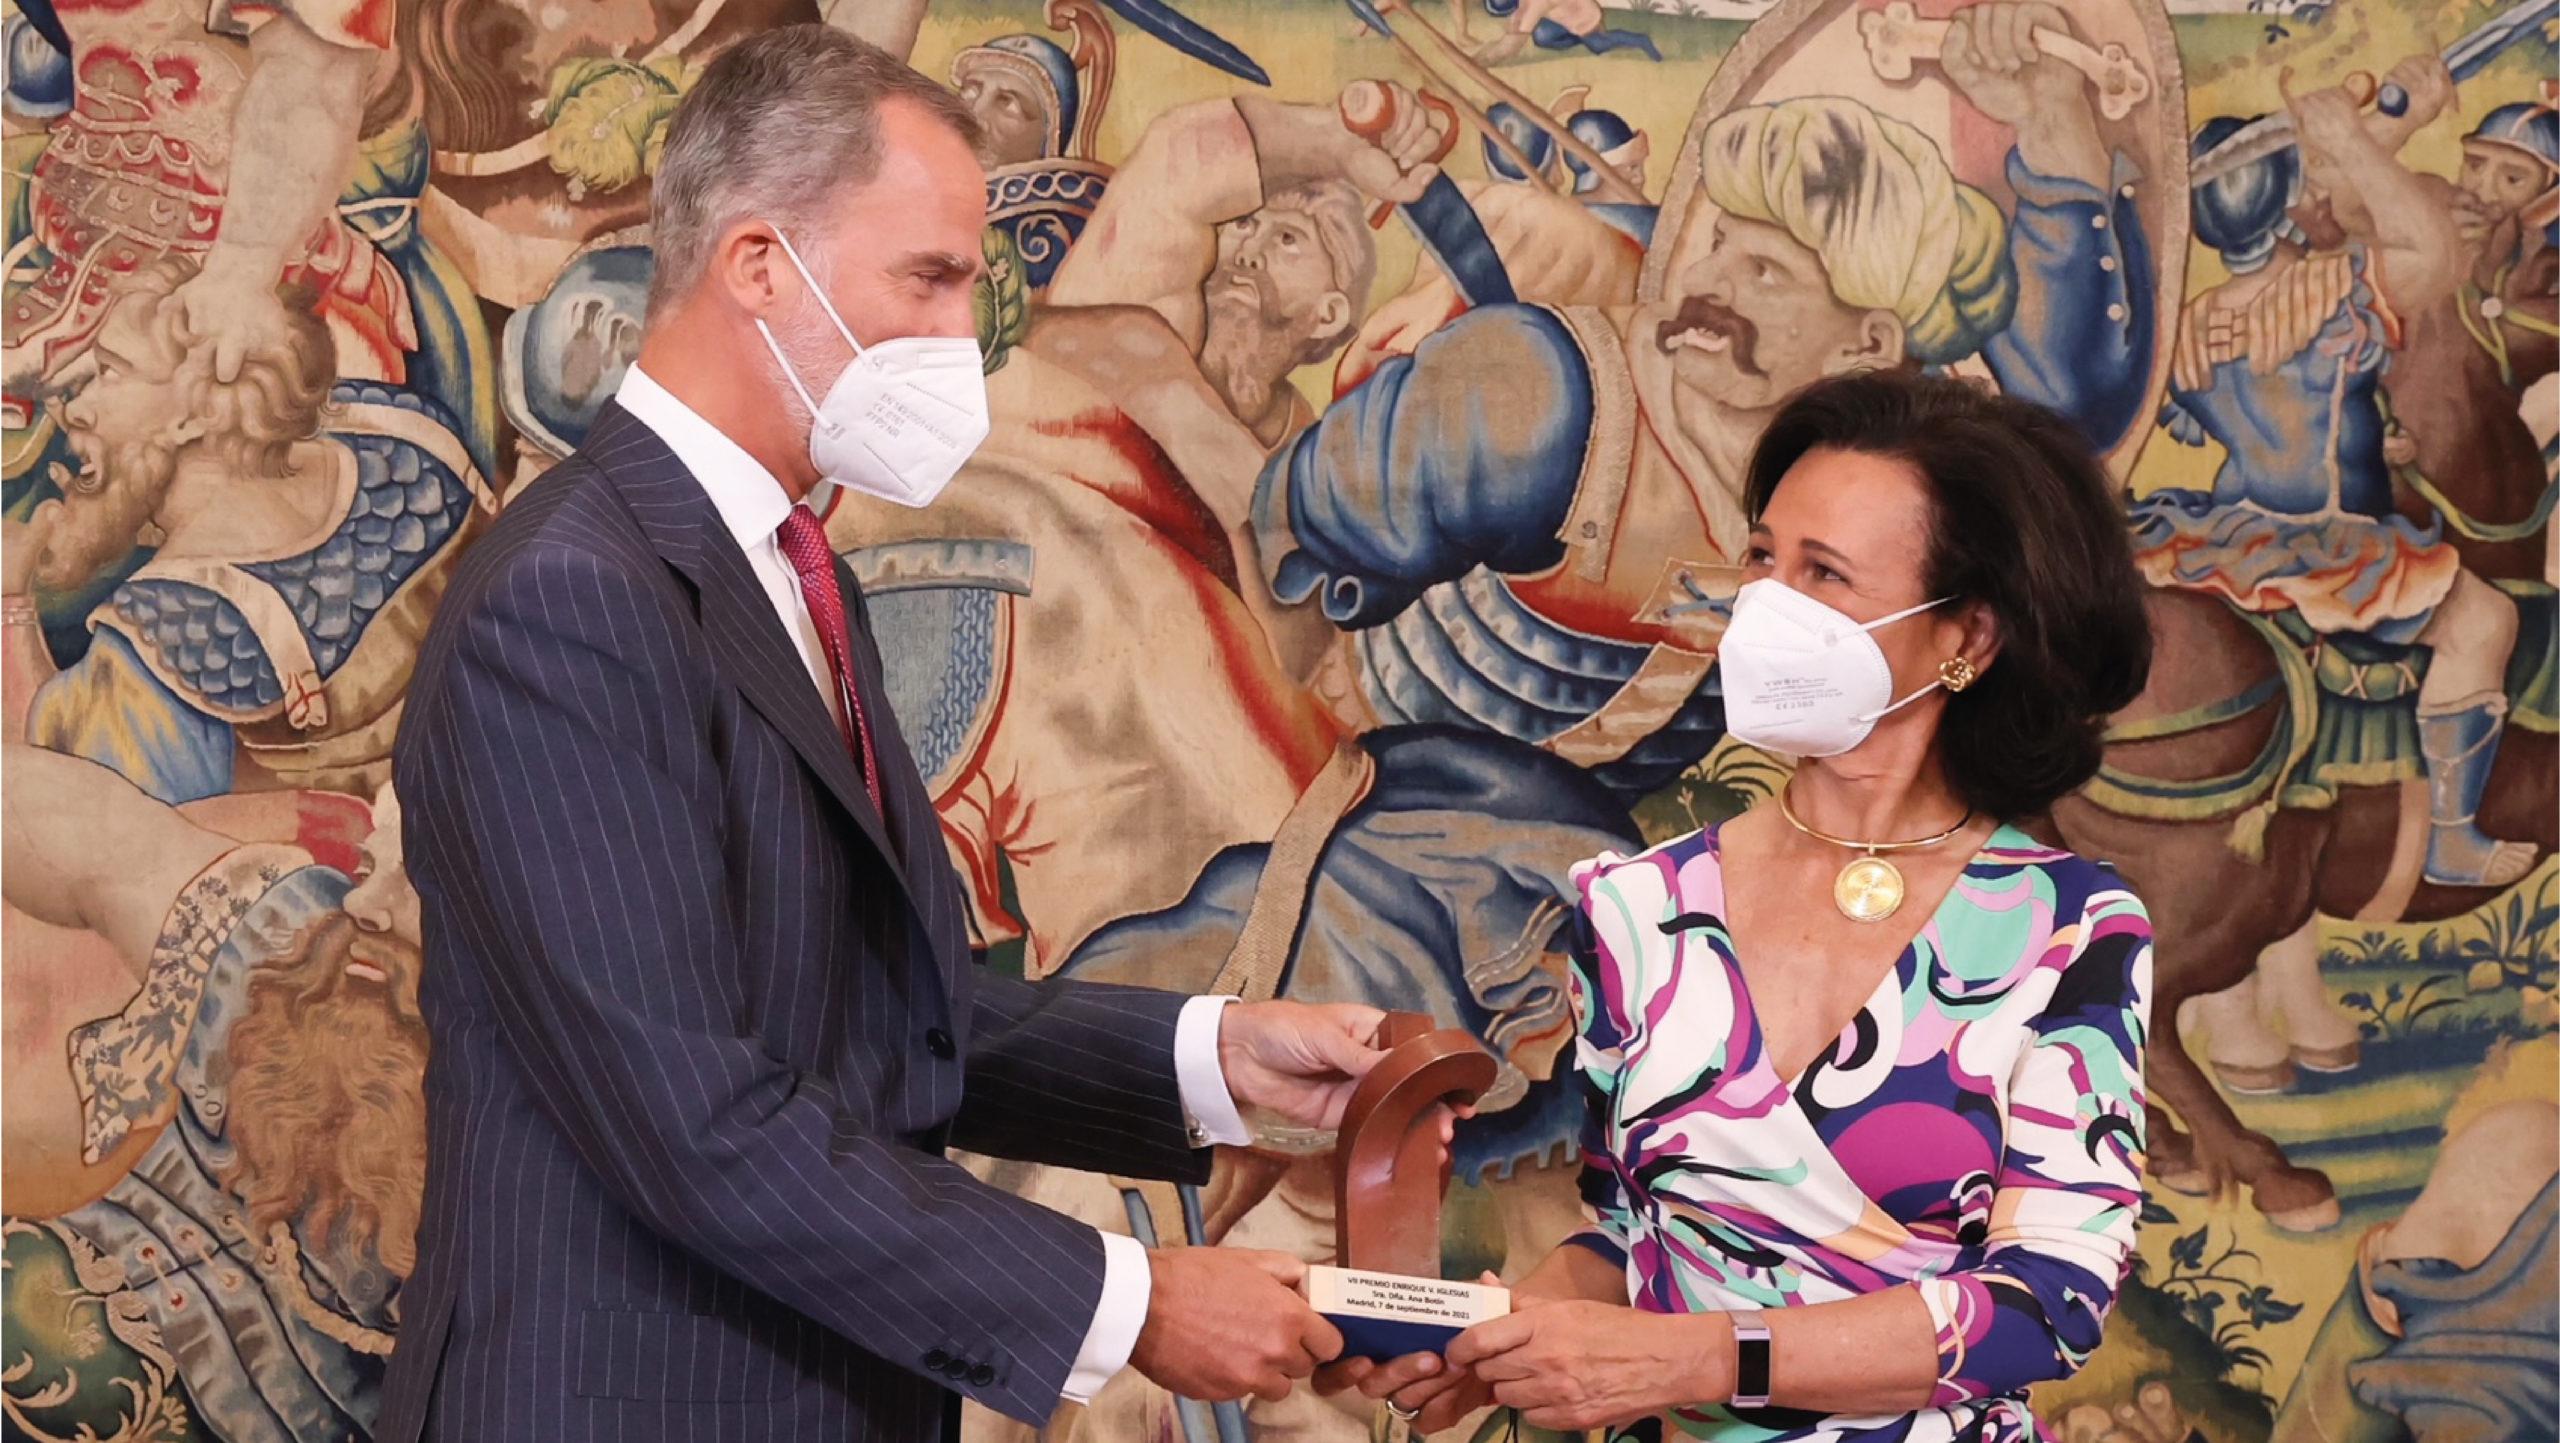 Ana Botín, presidenta del Banco Santander, recibe el premio Enrique Iglesias